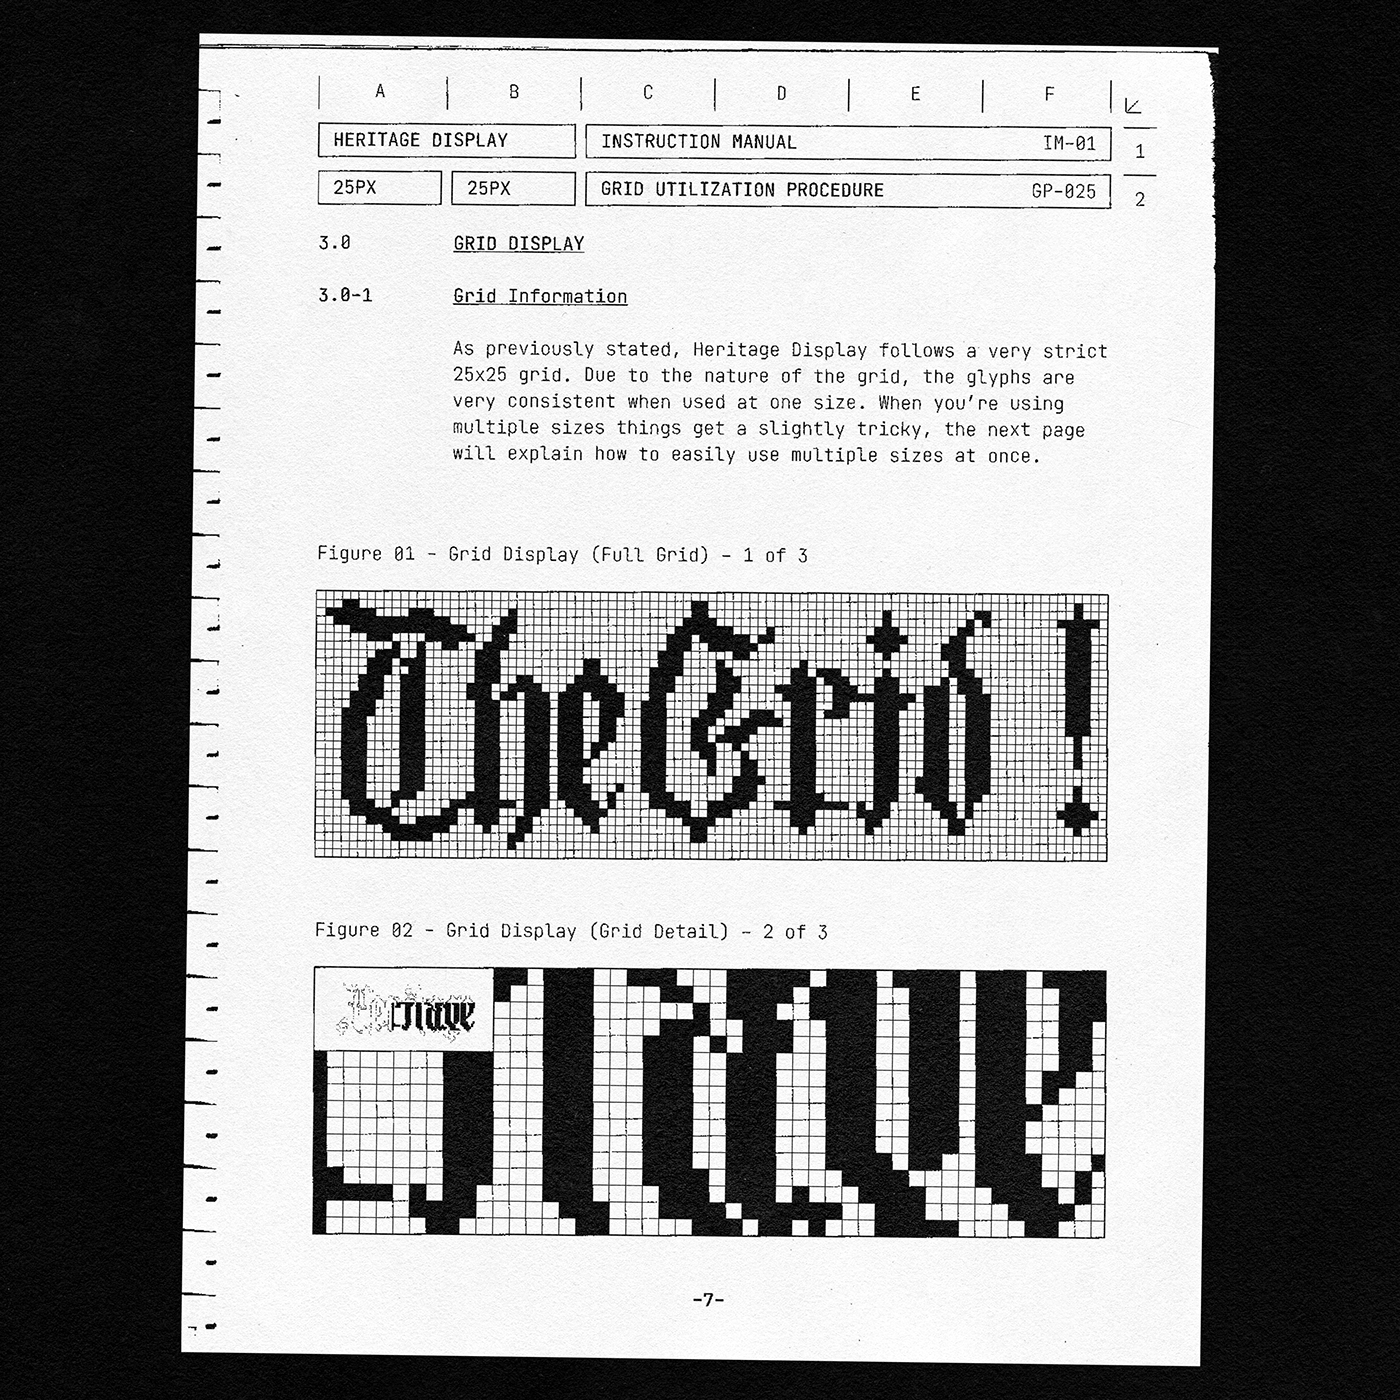 [淘宝购买] 潮流复古像素CRT显示海报标题徽标Logo设计装饰字体素材 Heritage Display Pixel Blackletter插图9